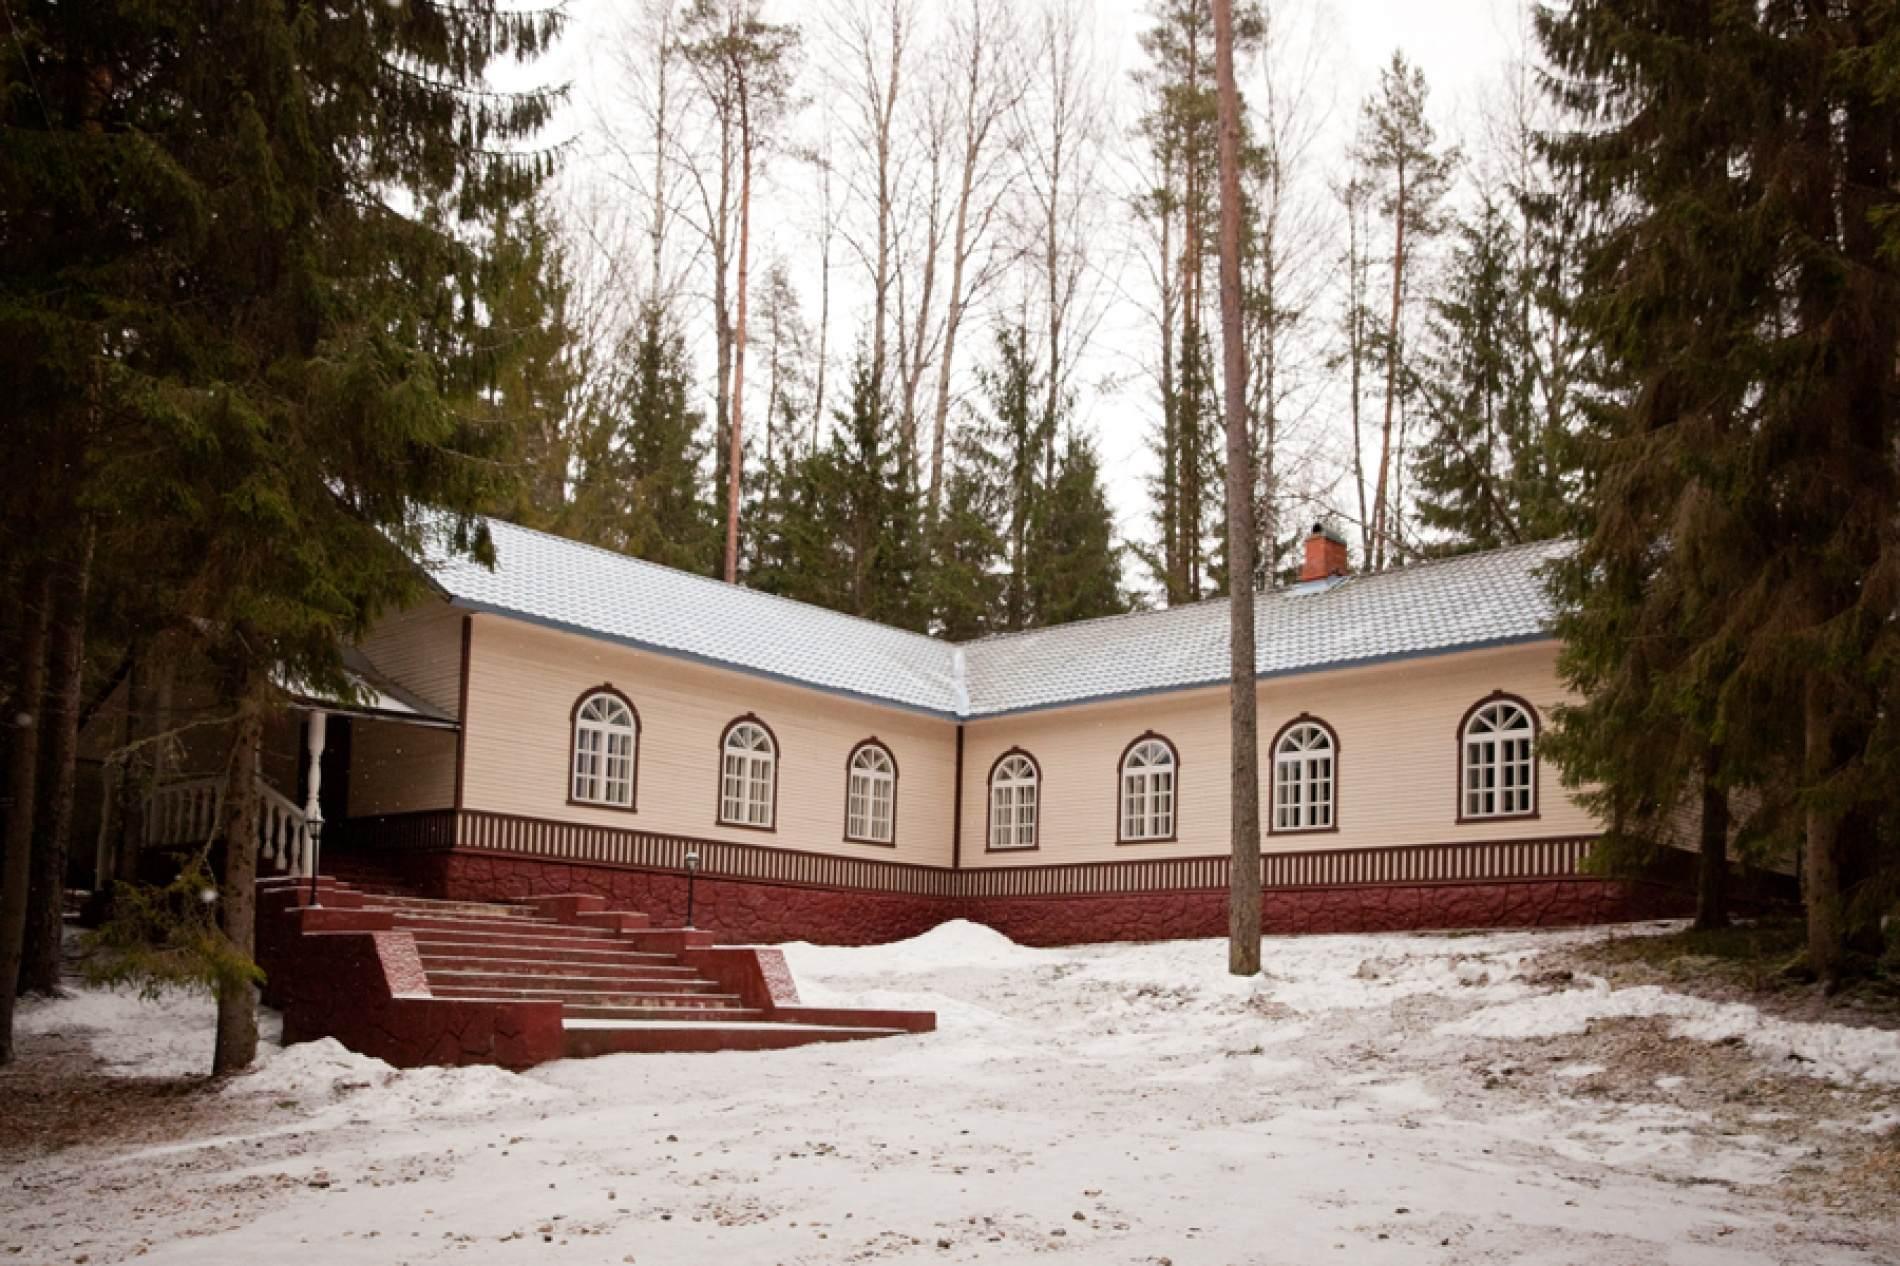 Путешествие из Петербурга в Москву: бюджетные базы отдыха в Новгородской области